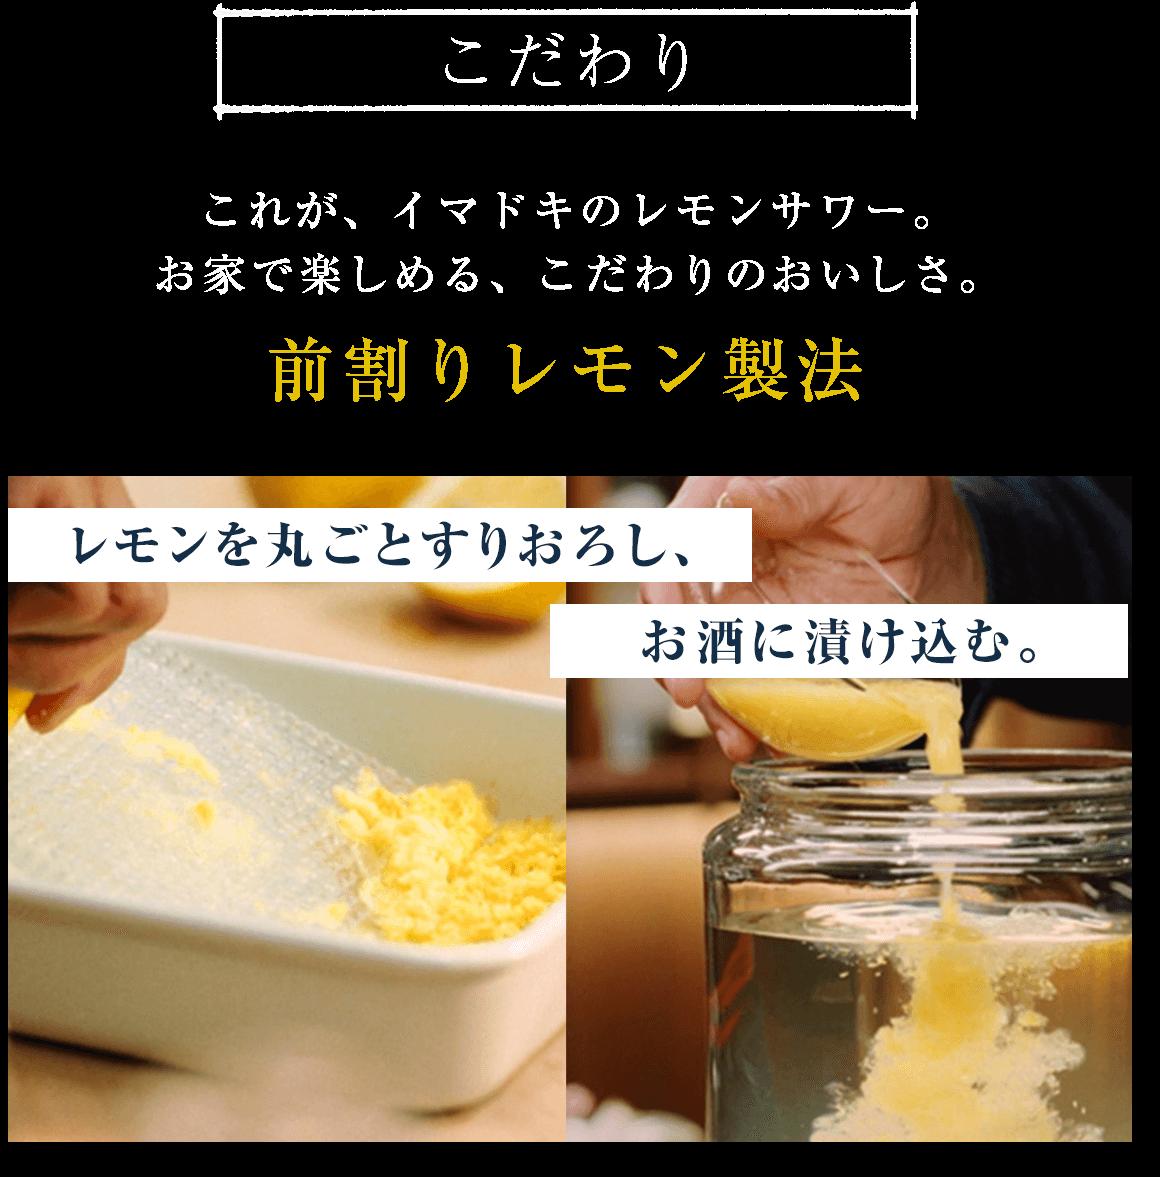 こだわり これが、イマドキのレモンサワー。             お家で楽しめる、こだわりのおいしさ。前割りレモン製法